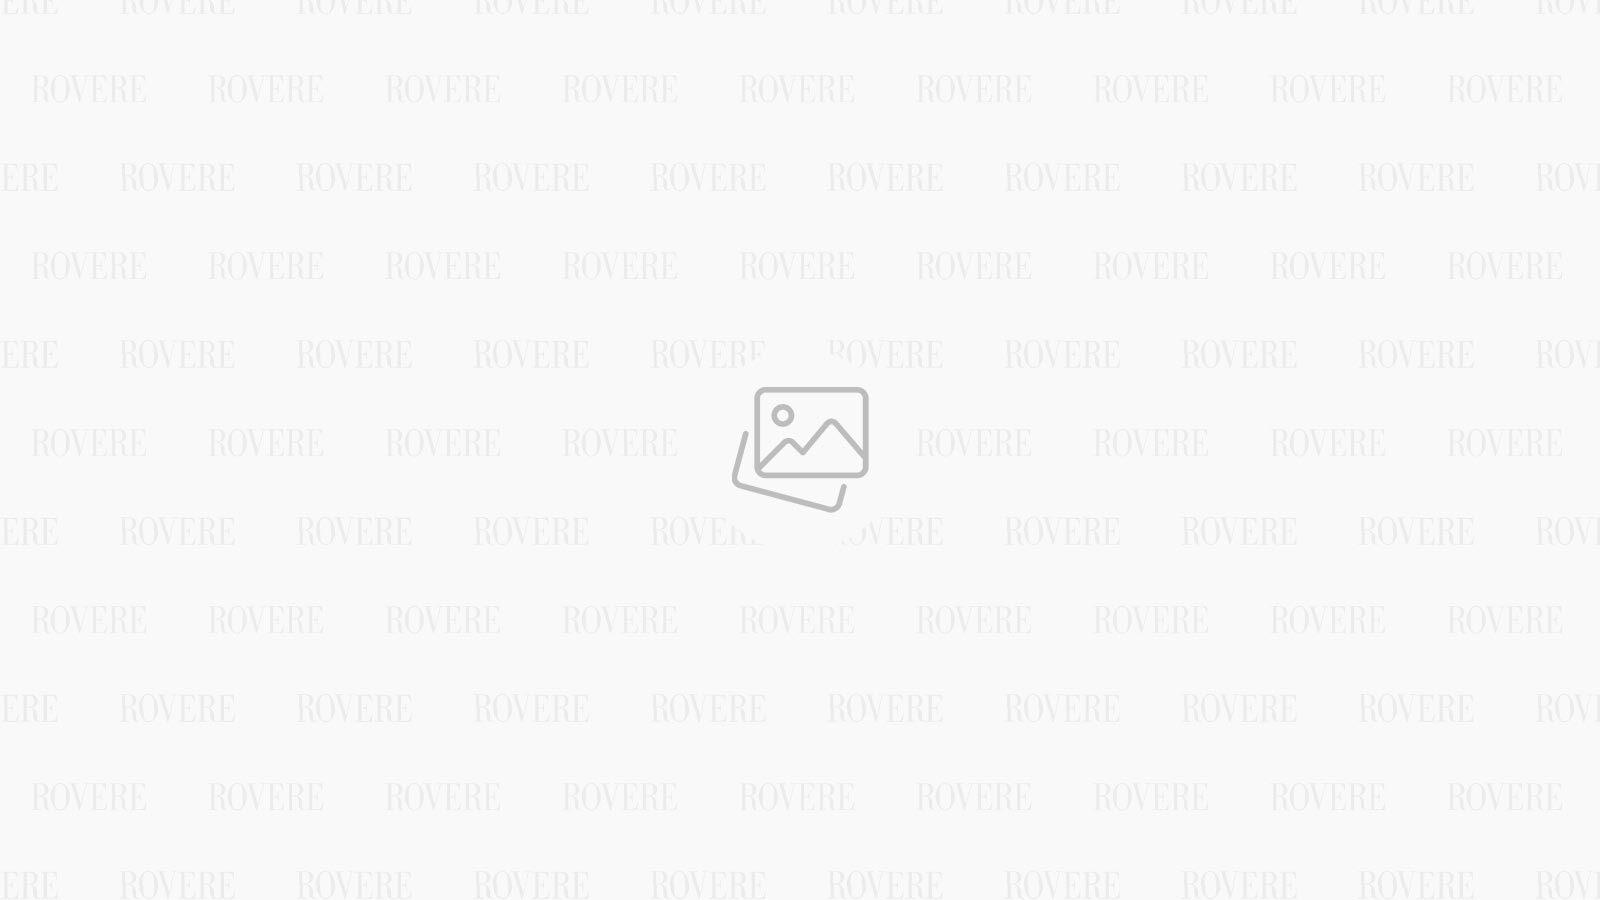 Canapea cu sezlong dreapta Stupore textil culoarea Navy